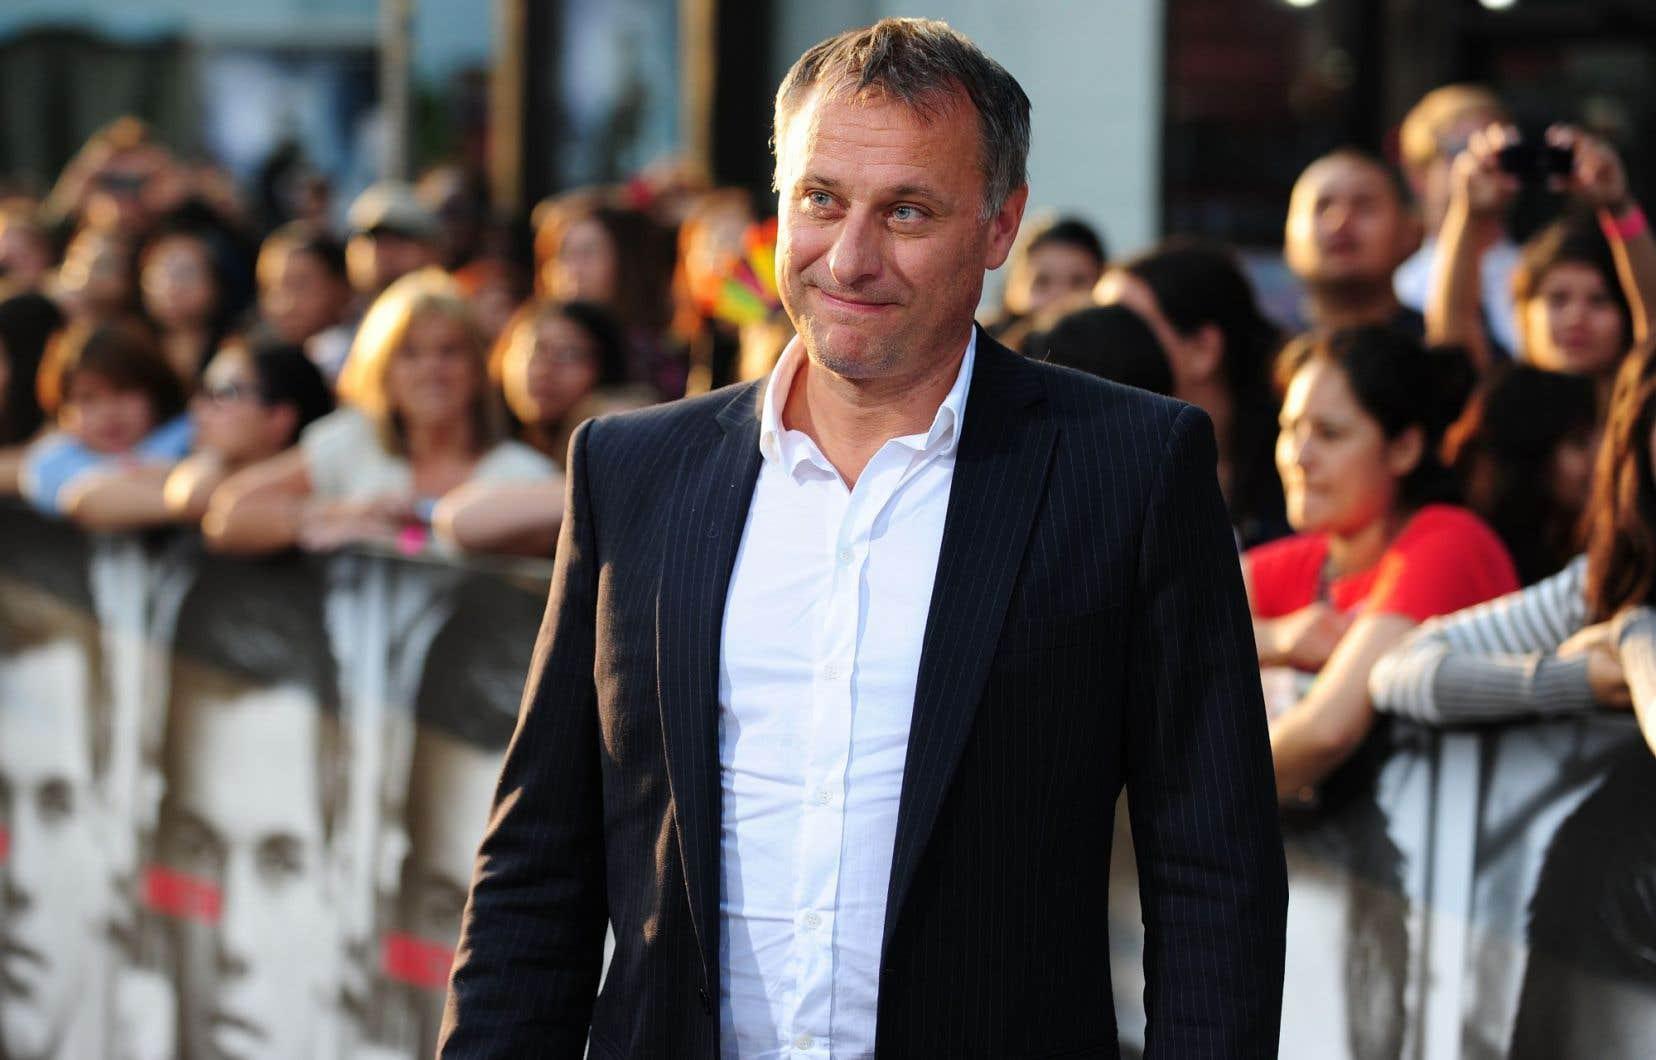 Michael Nyqvist à la première de «Abduction» à Hollywood, en septembre 2011